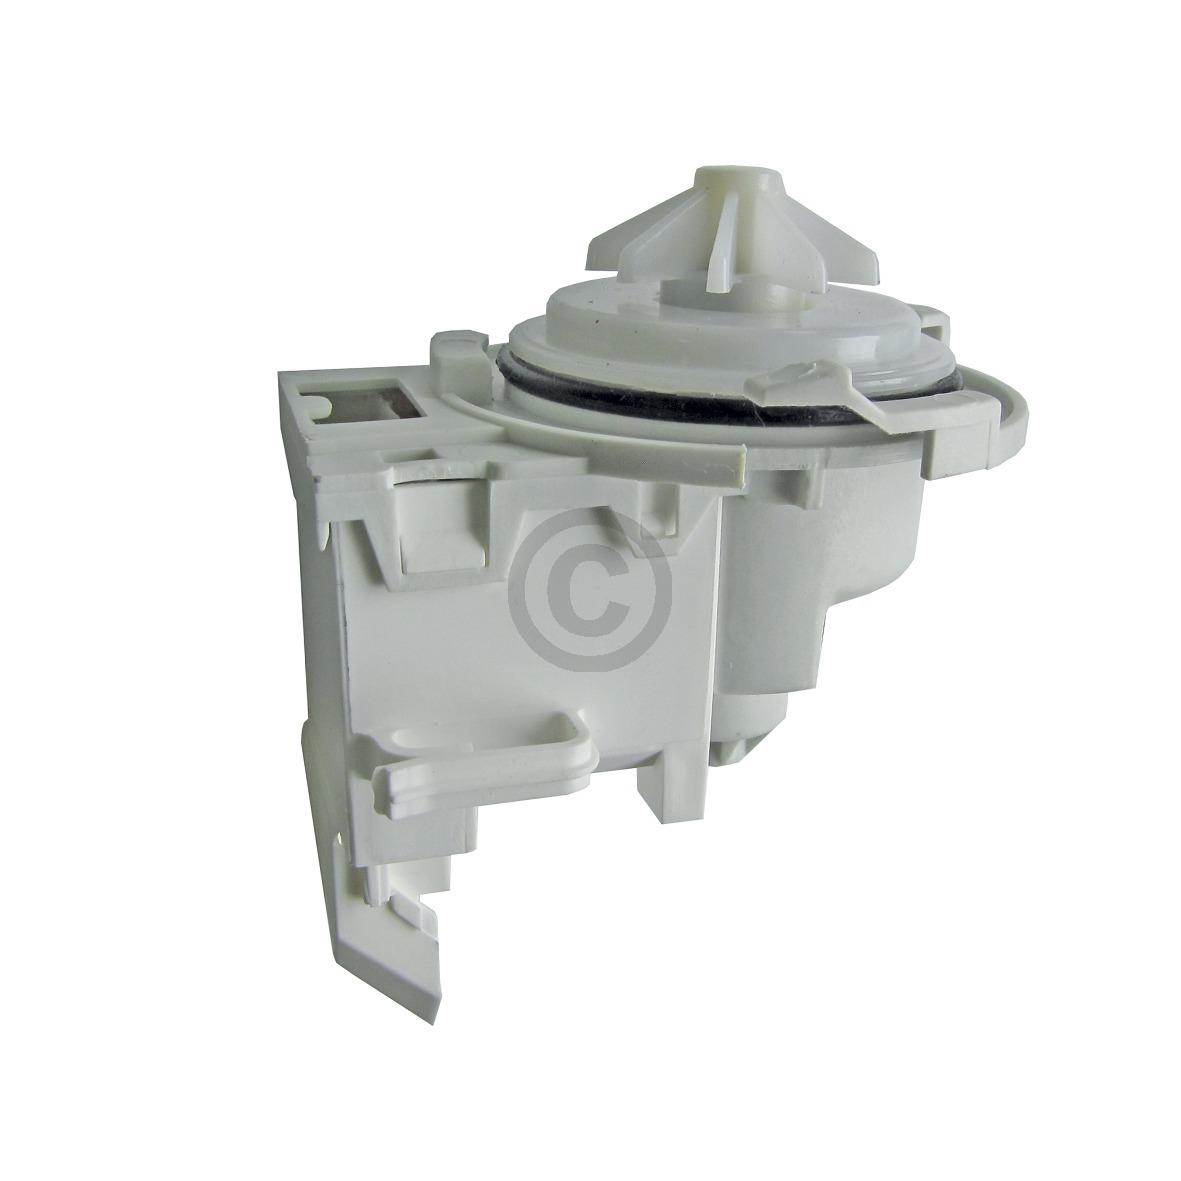 Ablaufpumpe wie Bosch 00165261 Pumpenmotor für Geschirrspüler